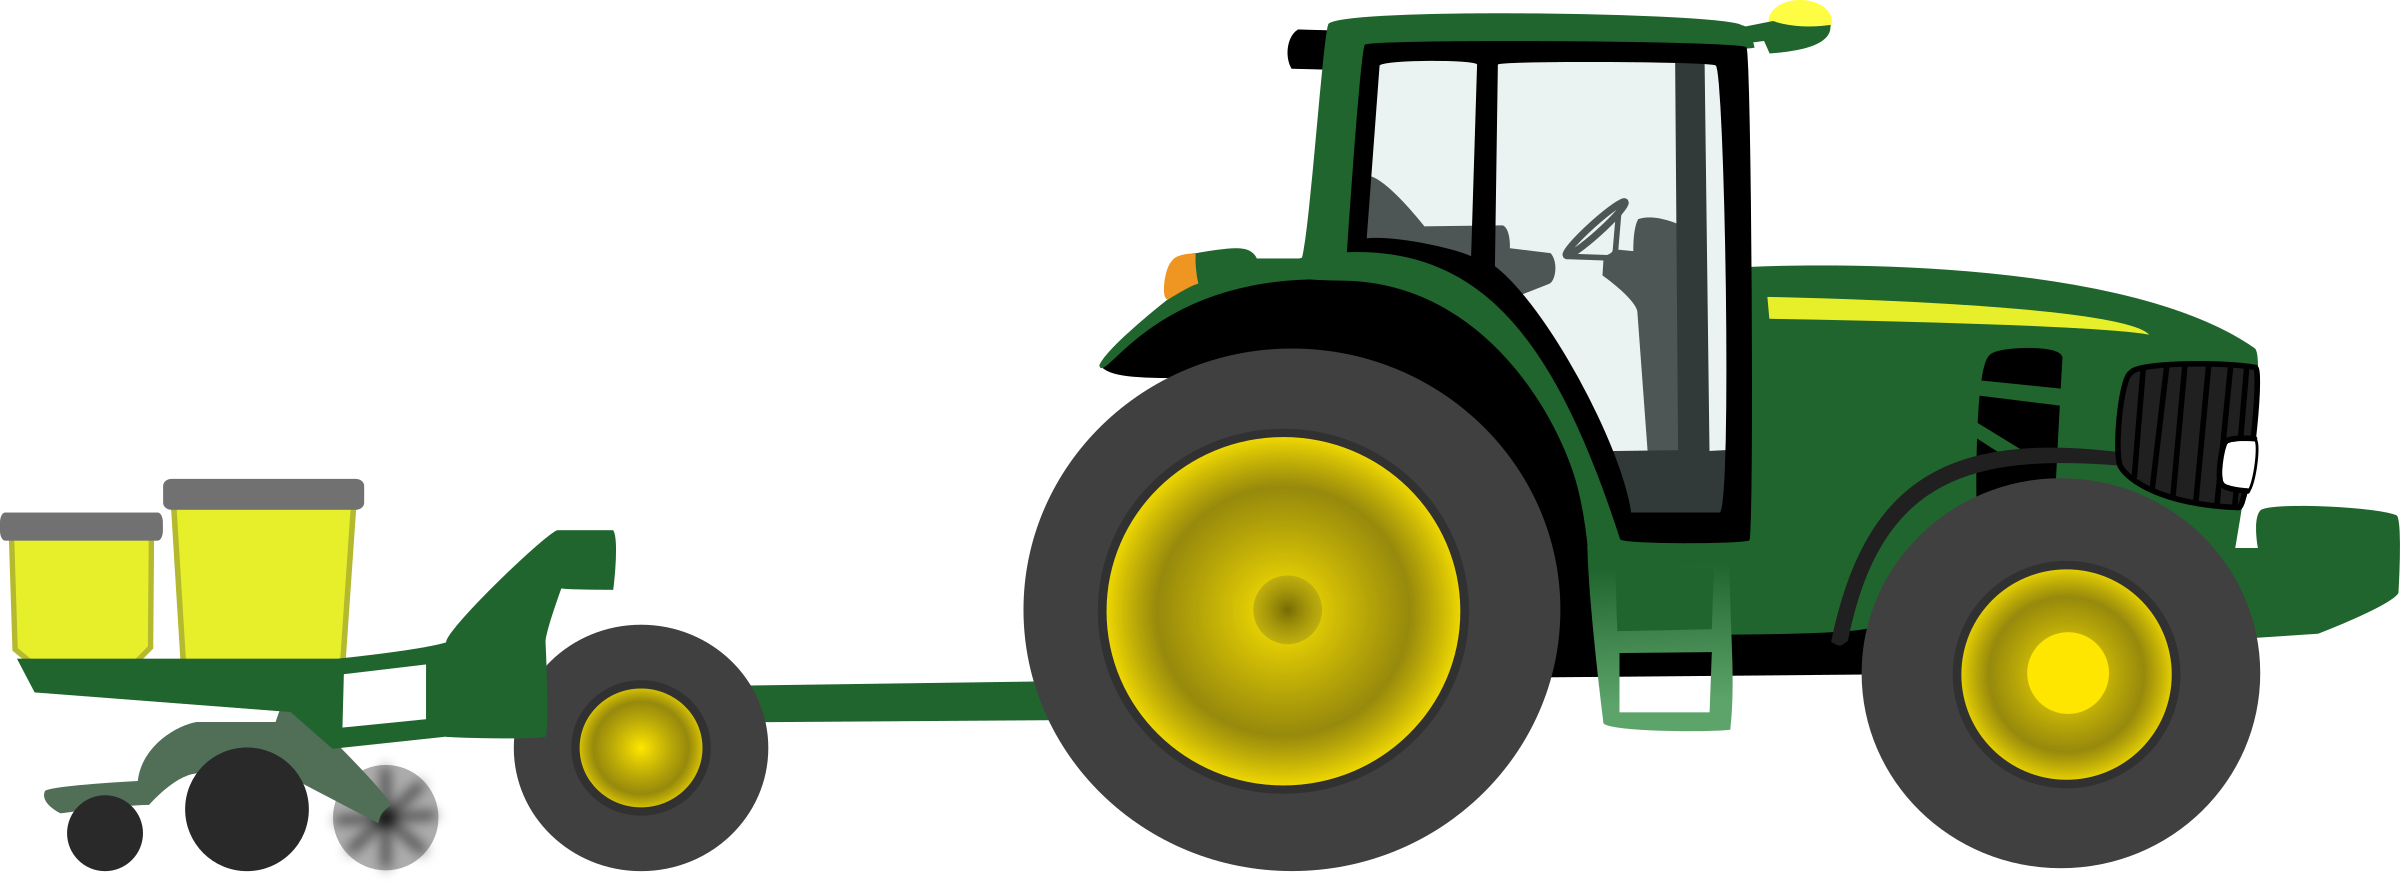 Tractor Planter Png 2400 886 Tractors Green Tractors Tractor Clipart